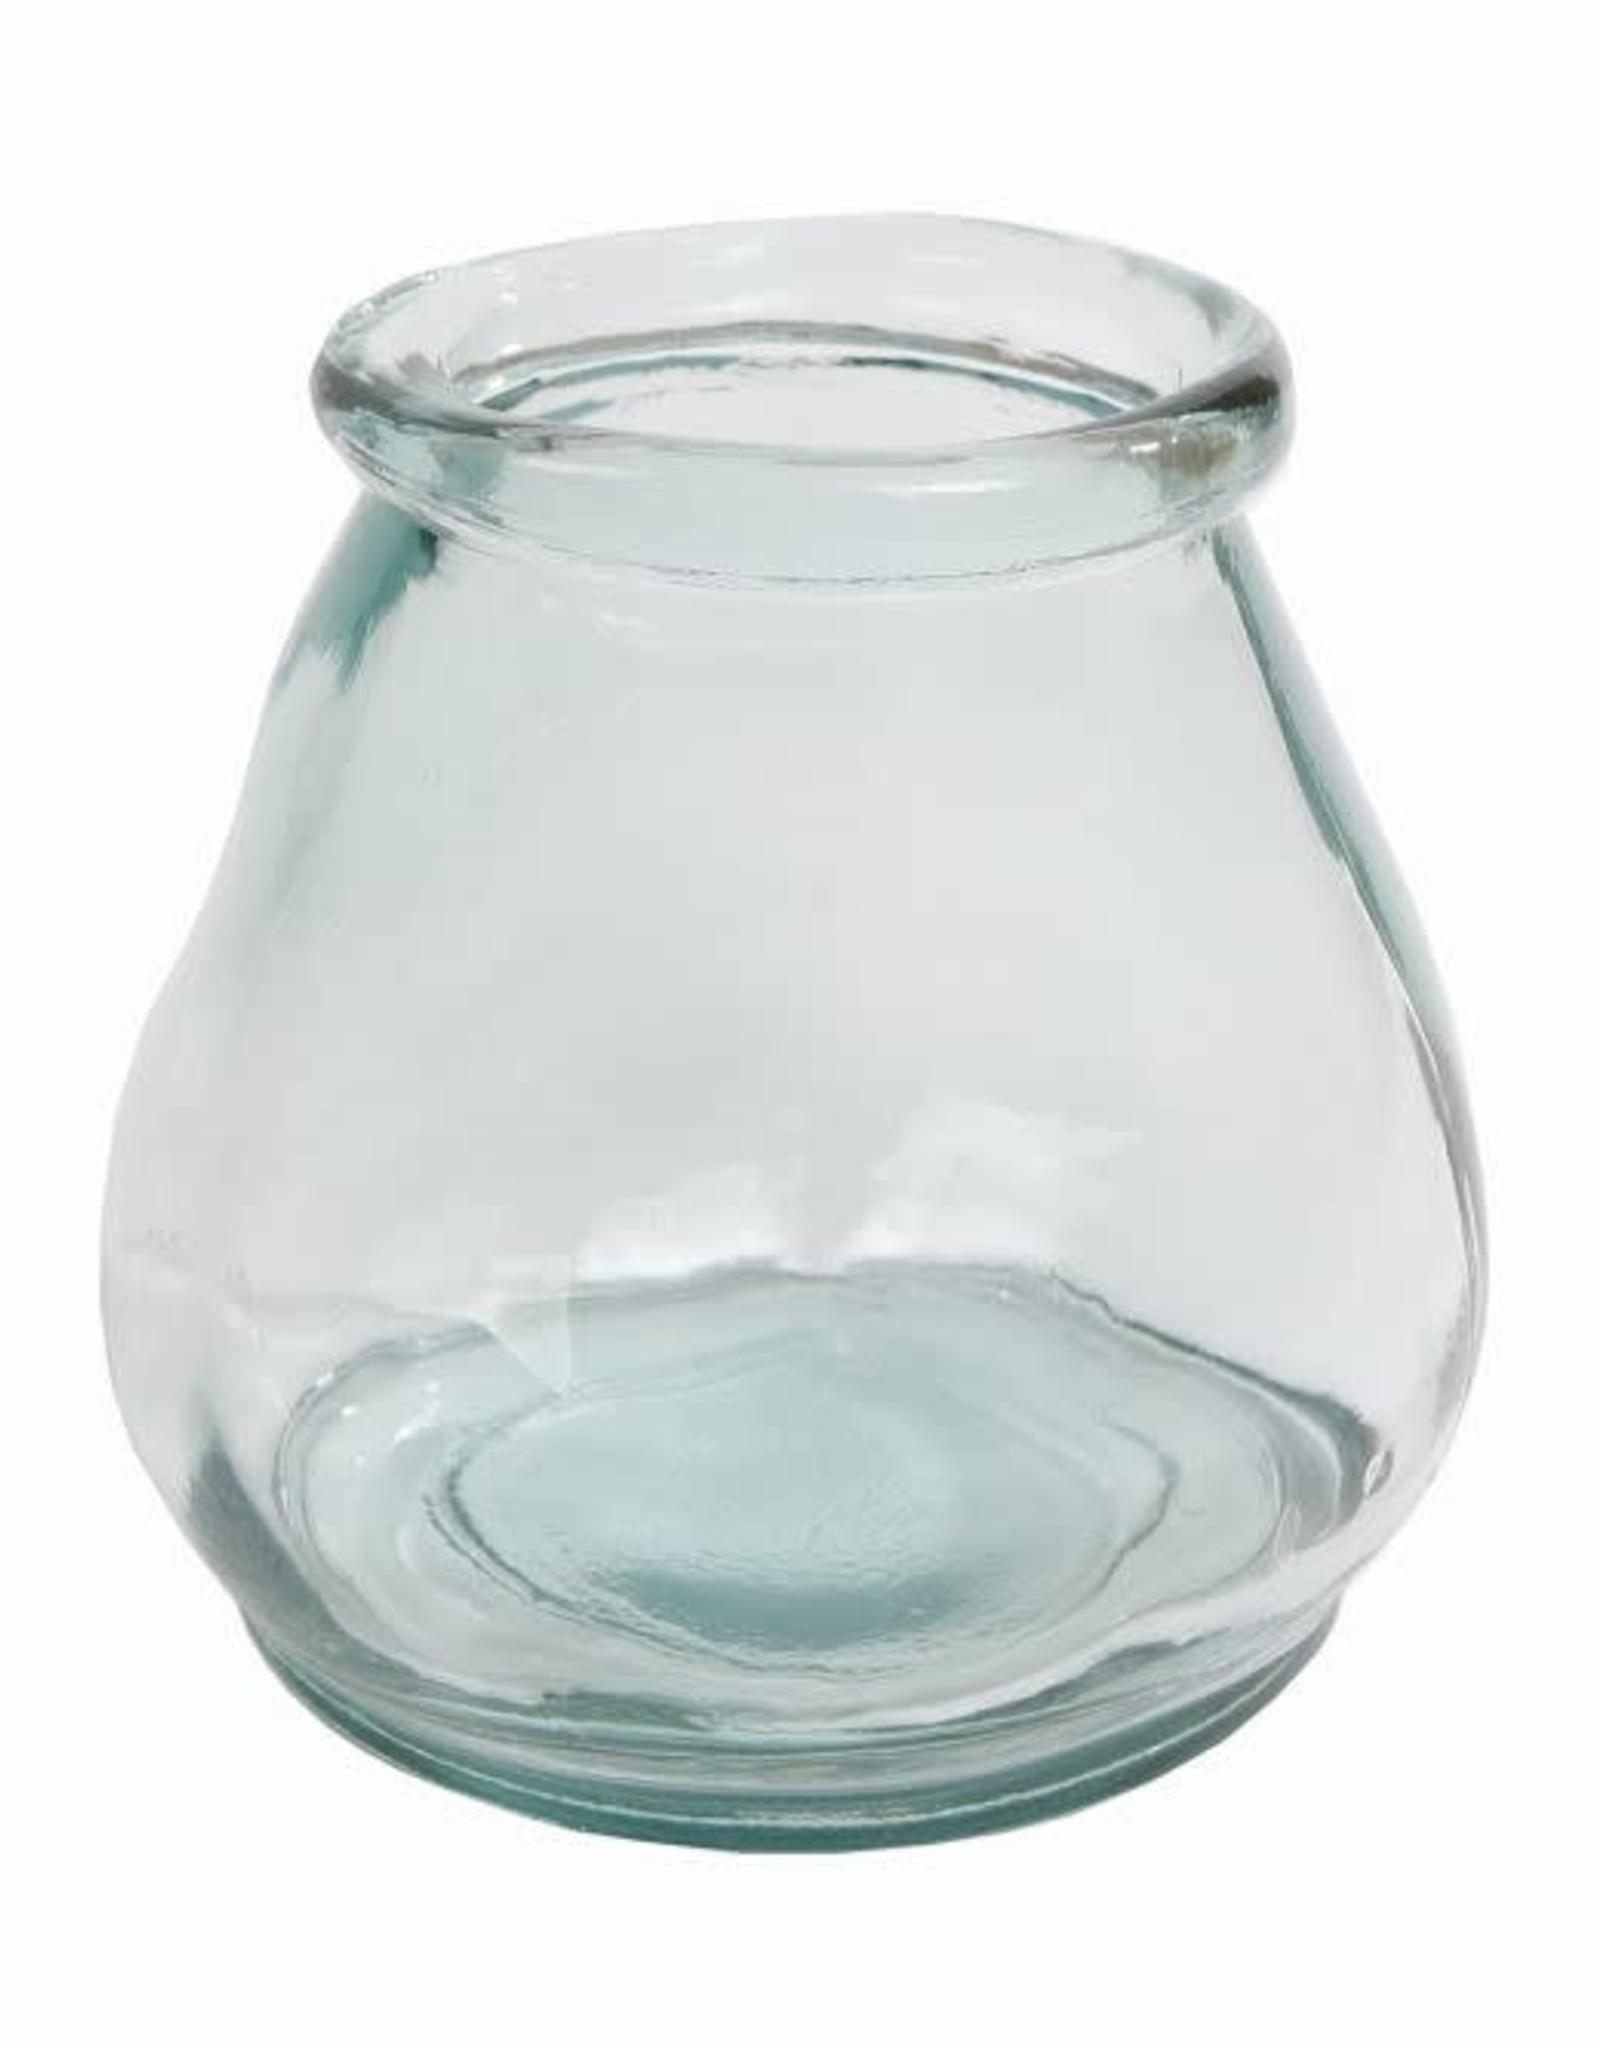 Windlicht Sac helder glas 10x10x10cm